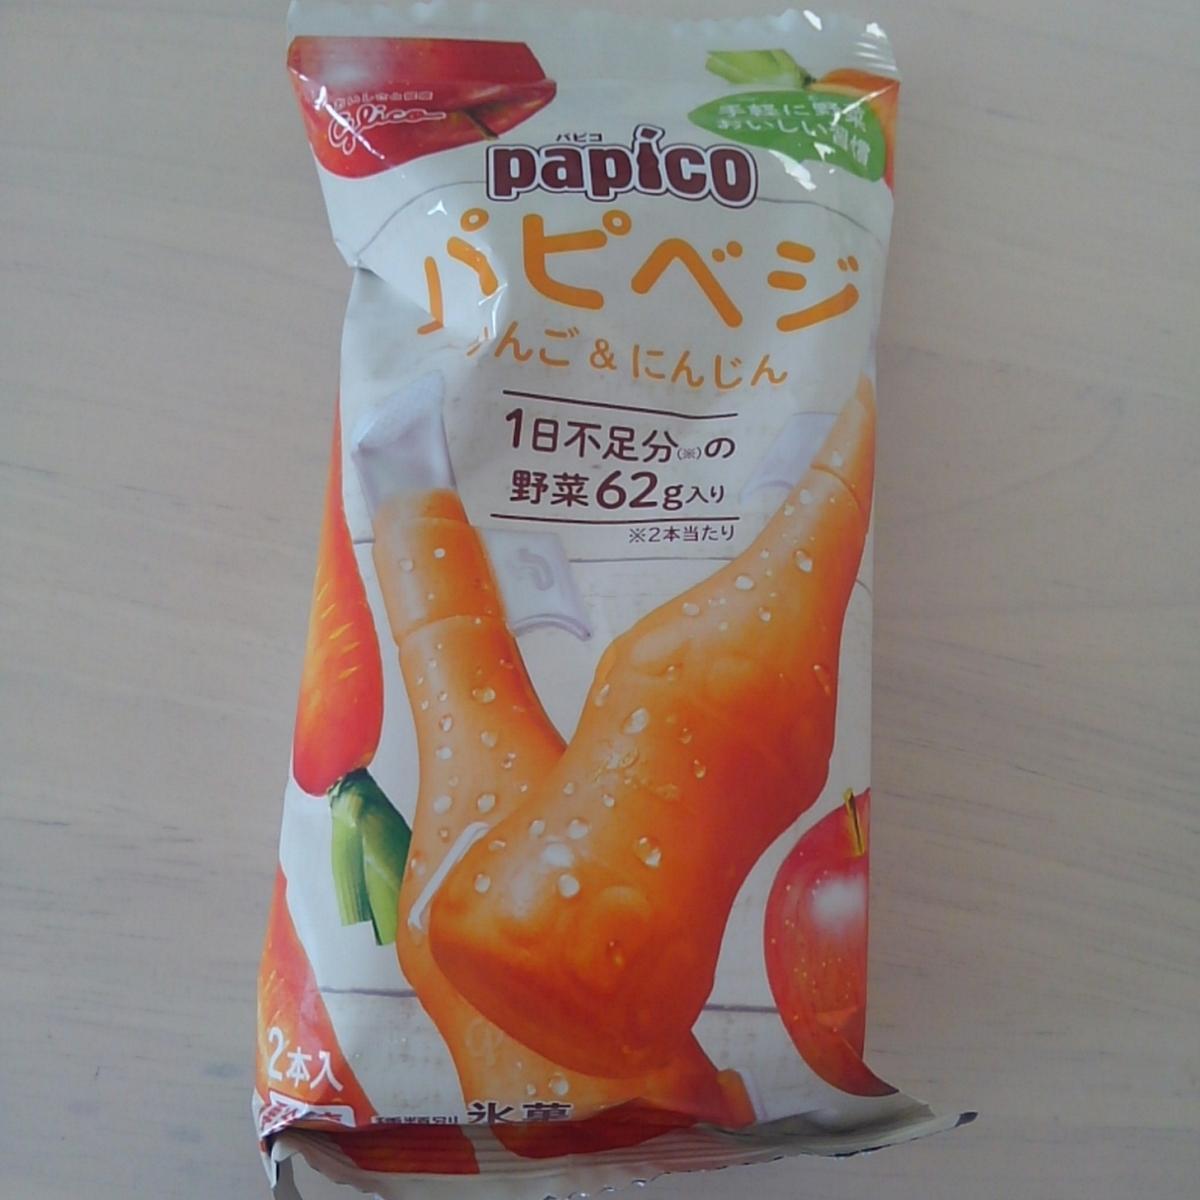 パピベジ りんご&にんじん papico